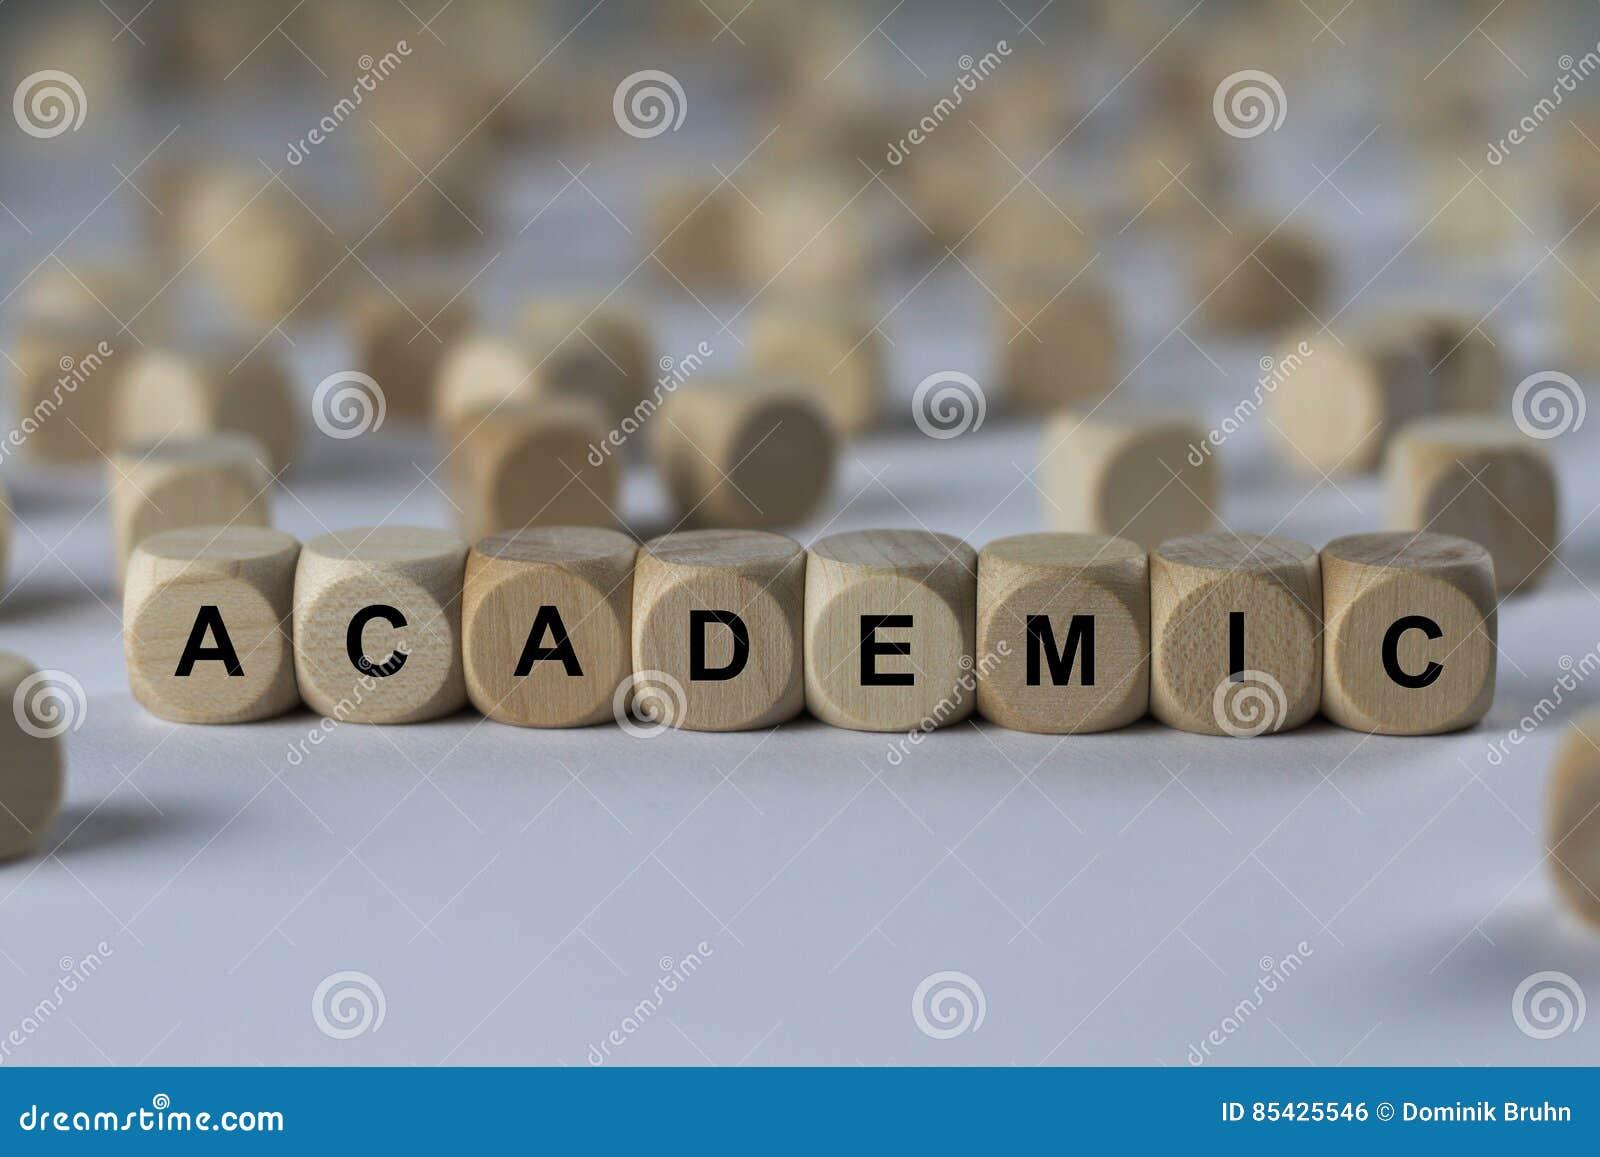 Академичный - куб с письмами, знак с деревянными кубами